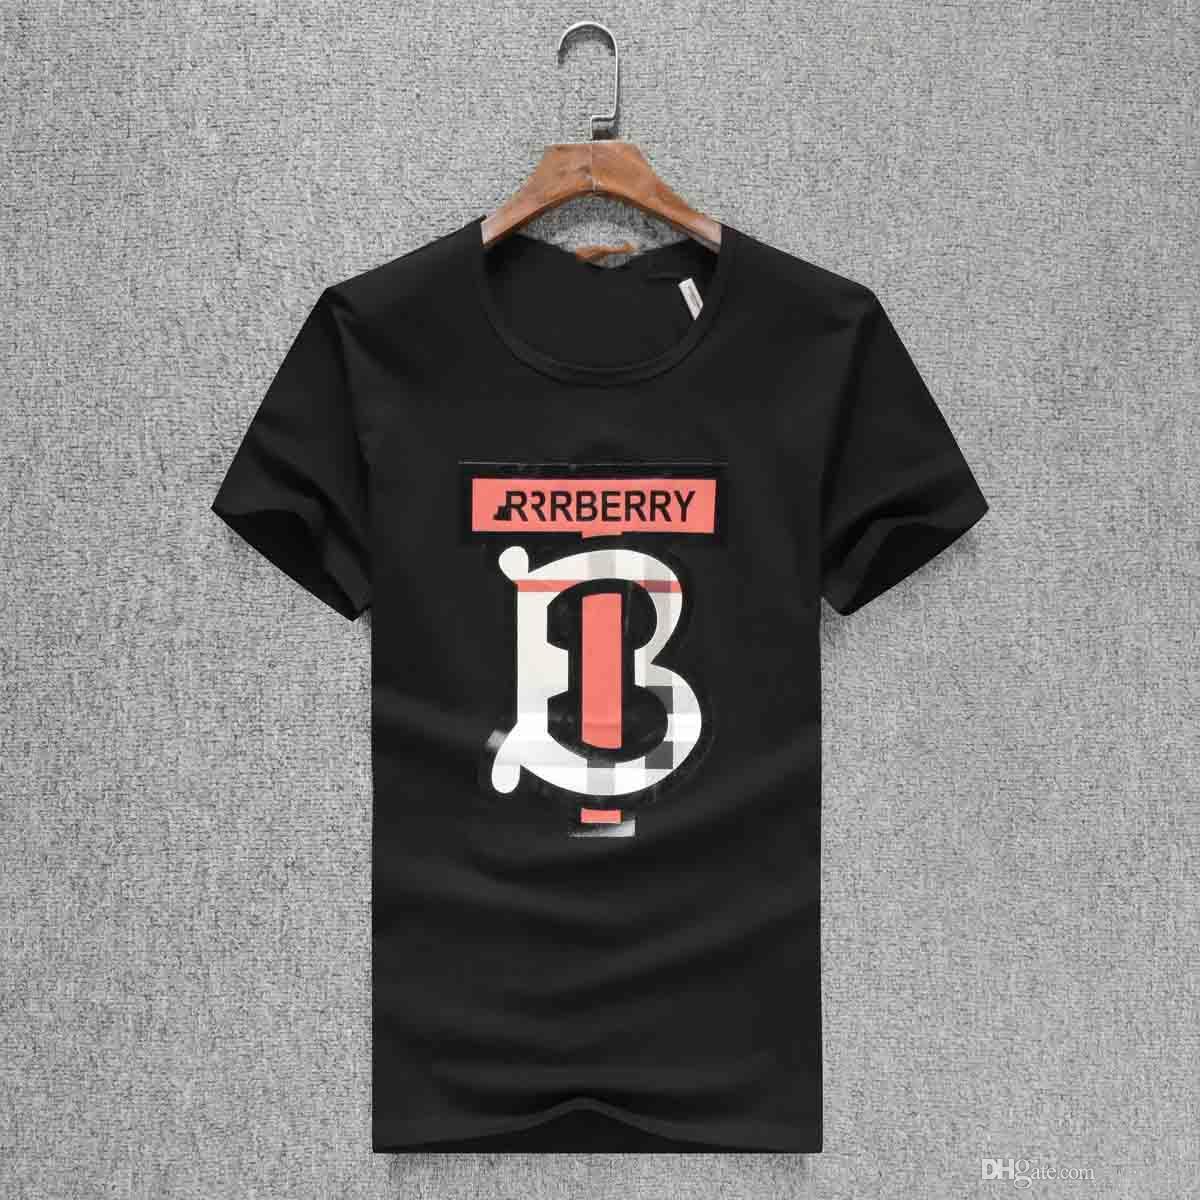 2020 estate Designers T shirt da uomo Top Occhi lettere ricamo T shirt Uomo manica corta di abbigliamento di marca maglietta Donna Top M-23XL